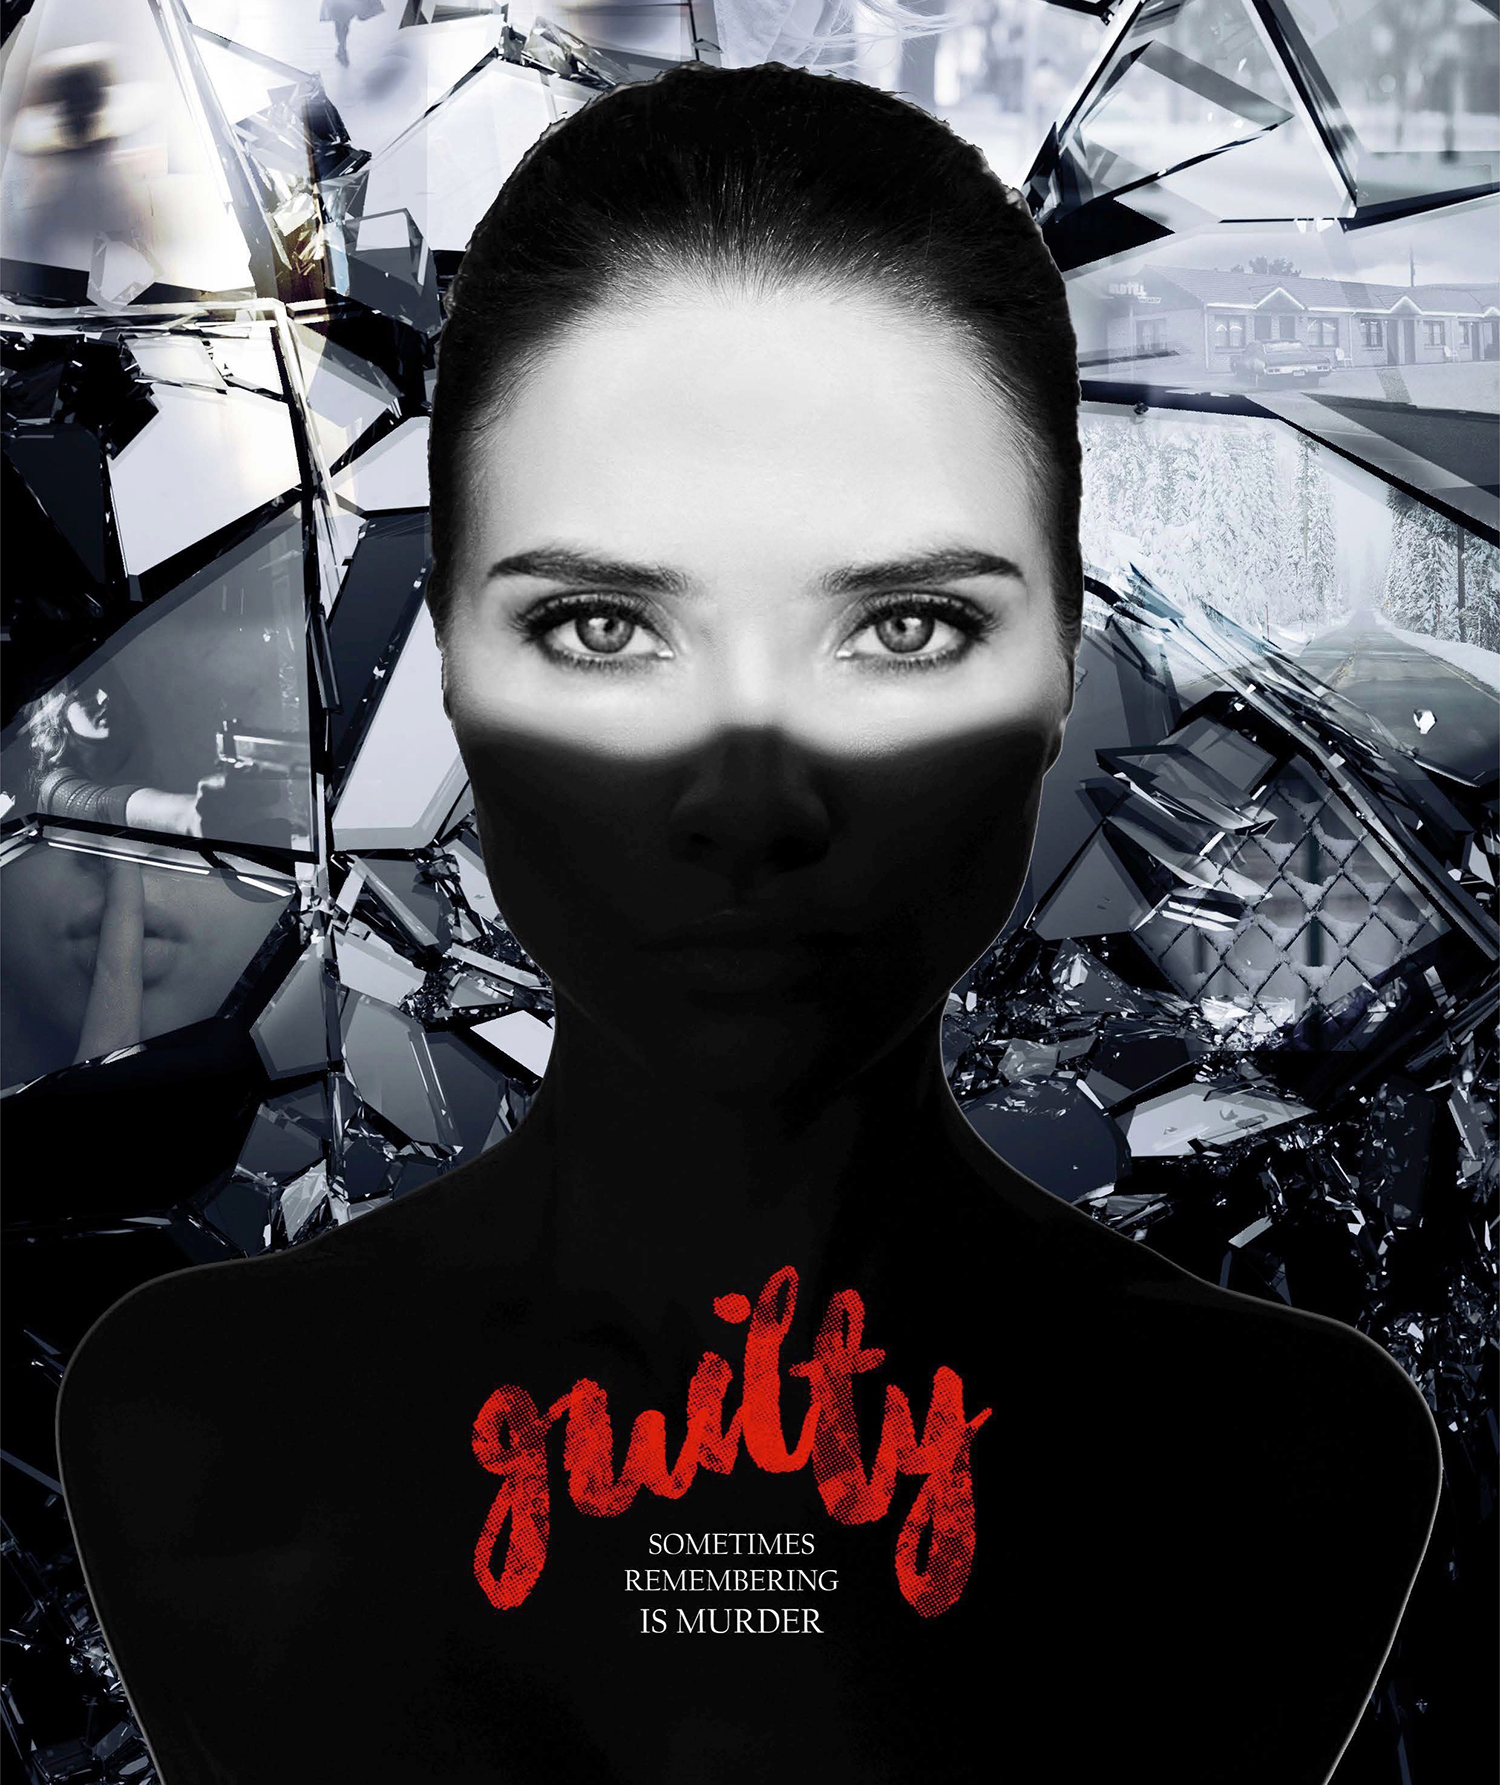 Penelope_Buitenhuis_In_Development_Guilty_FI_002.jpg